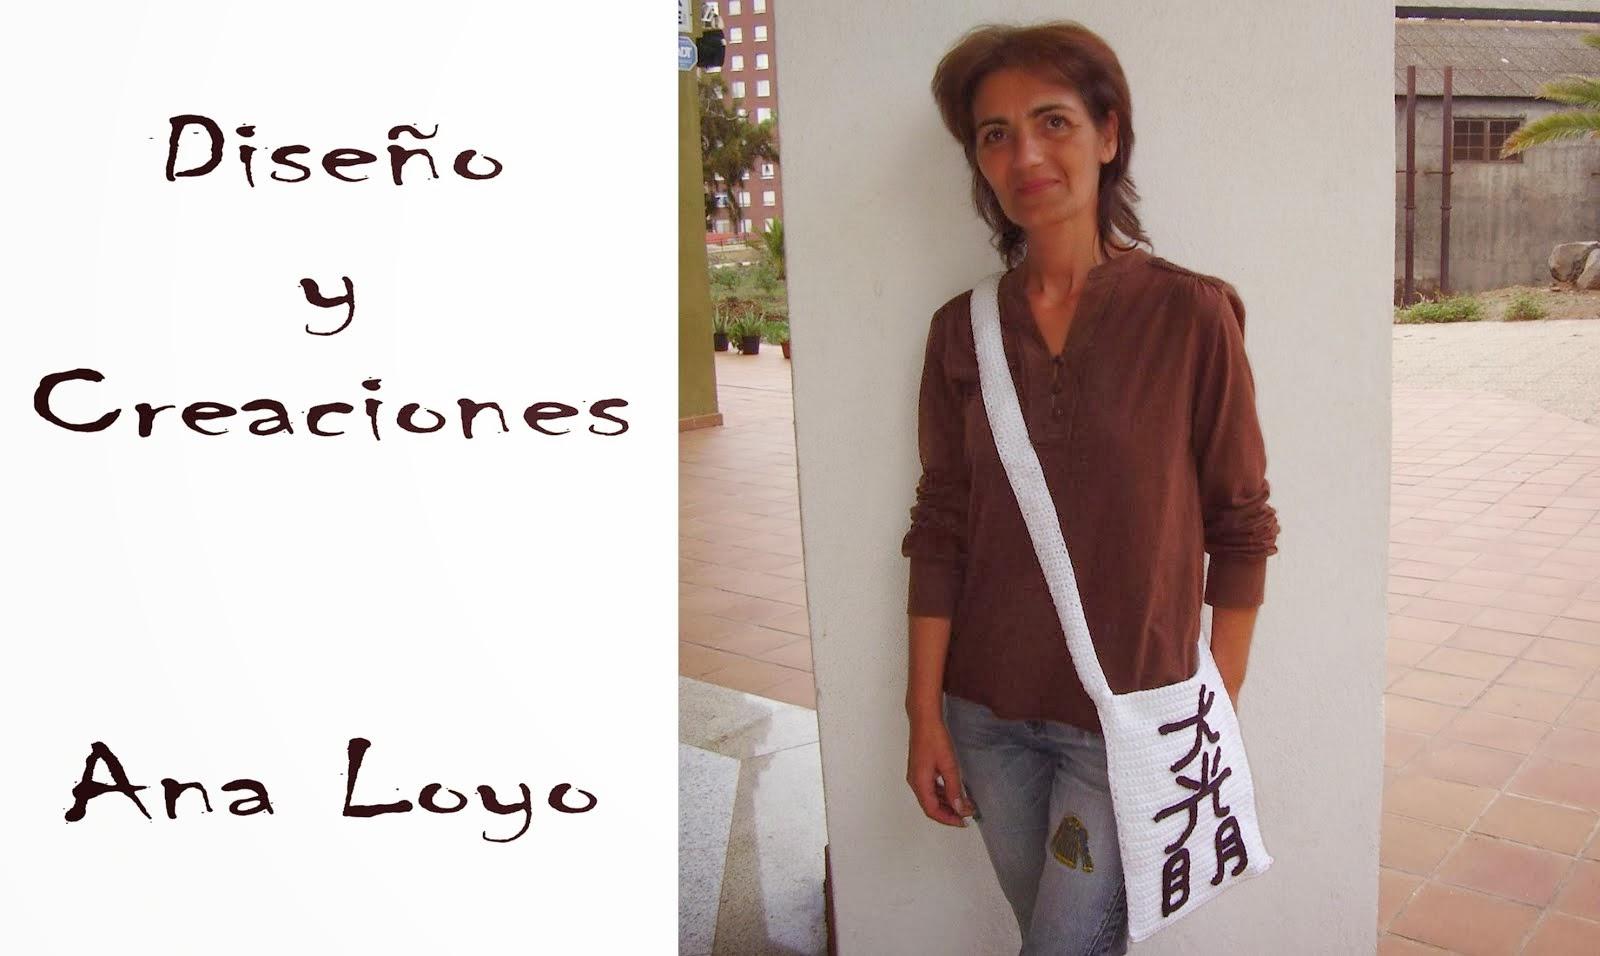 Diseño y Creaciones Ana Loyo